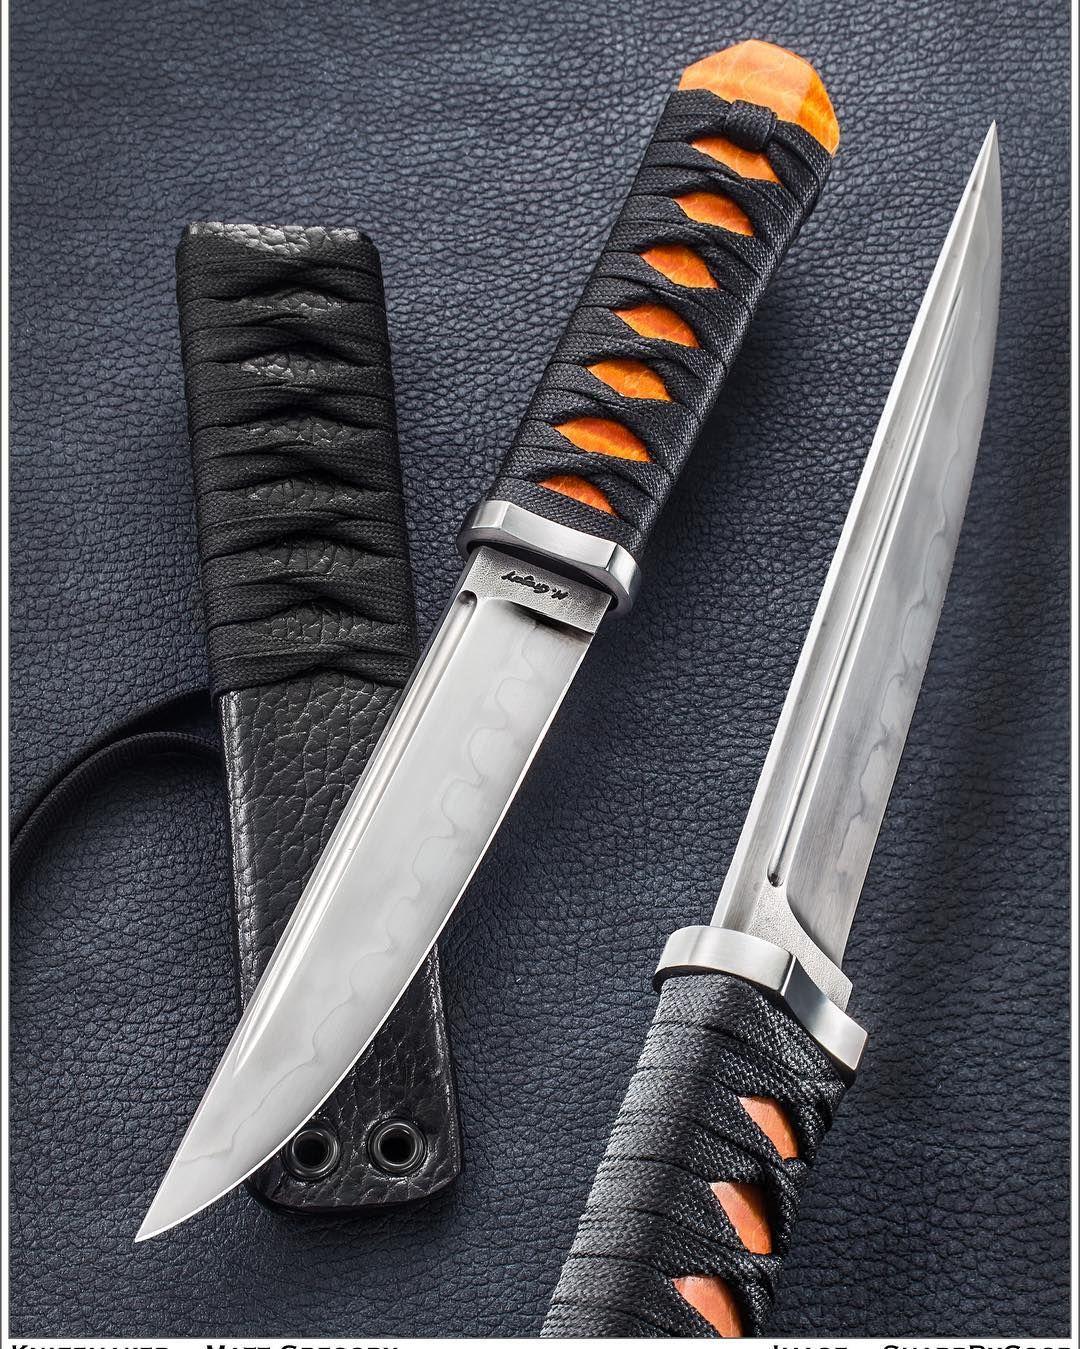 Matthew McGregor knives